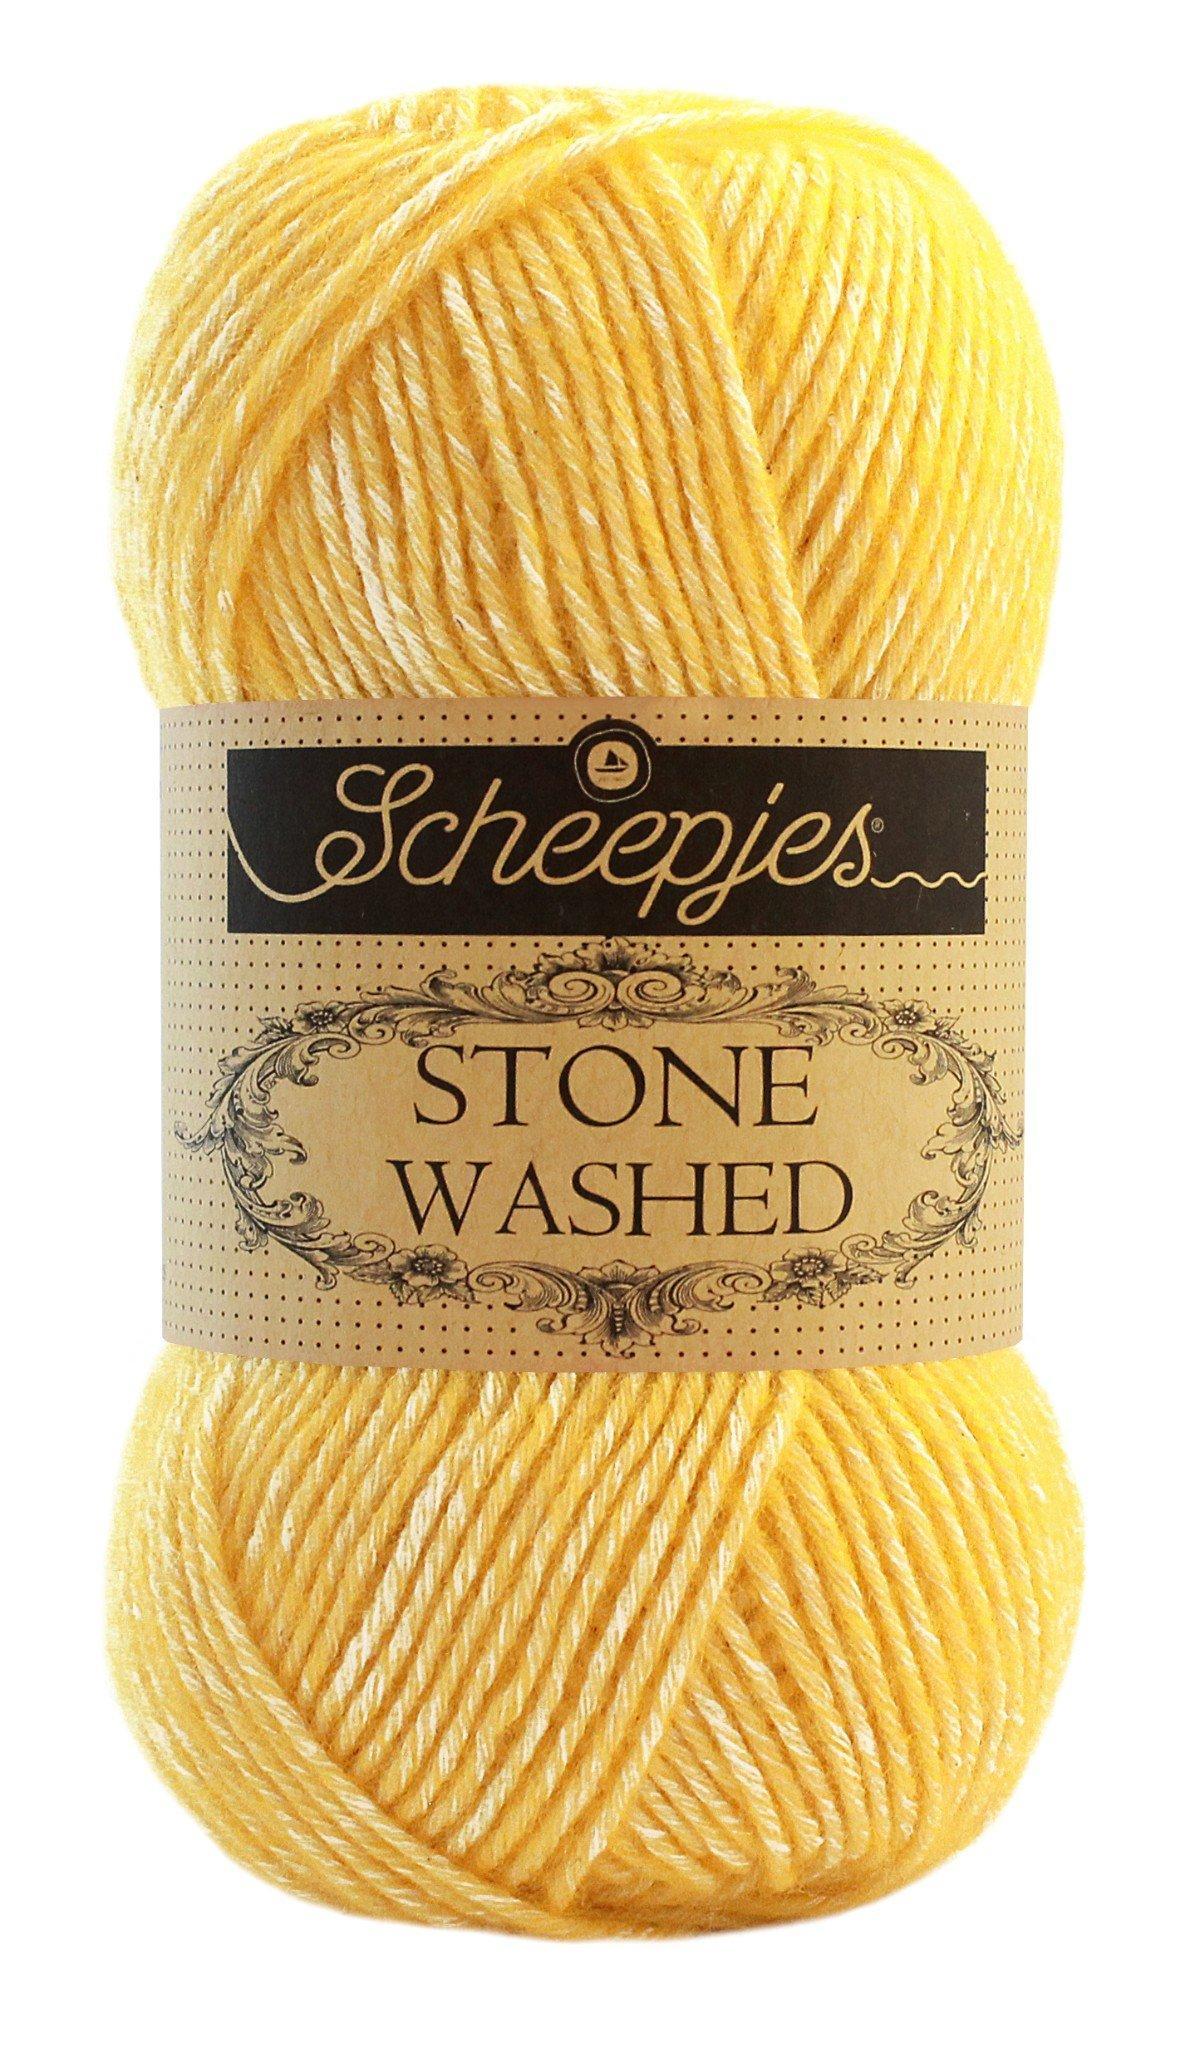 Scheepjes Stone Washed - Beryl 833